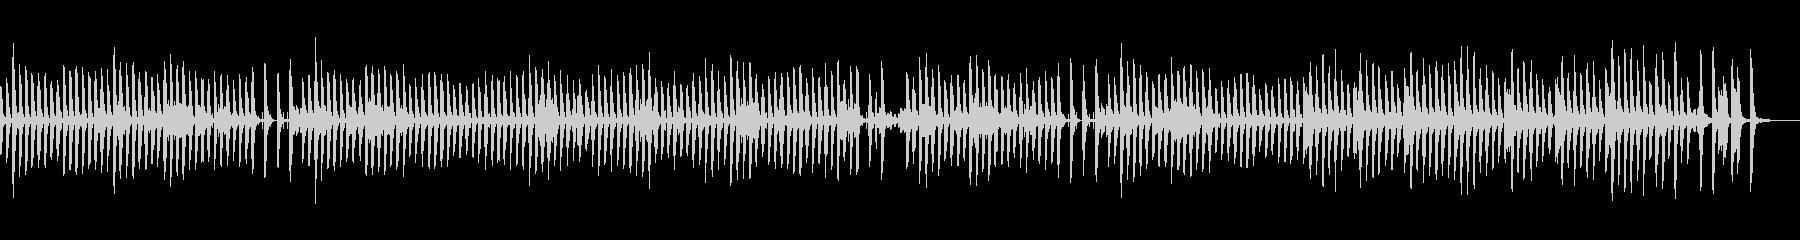 ほのぼのまったり可愛い日常曲の未再生の波形